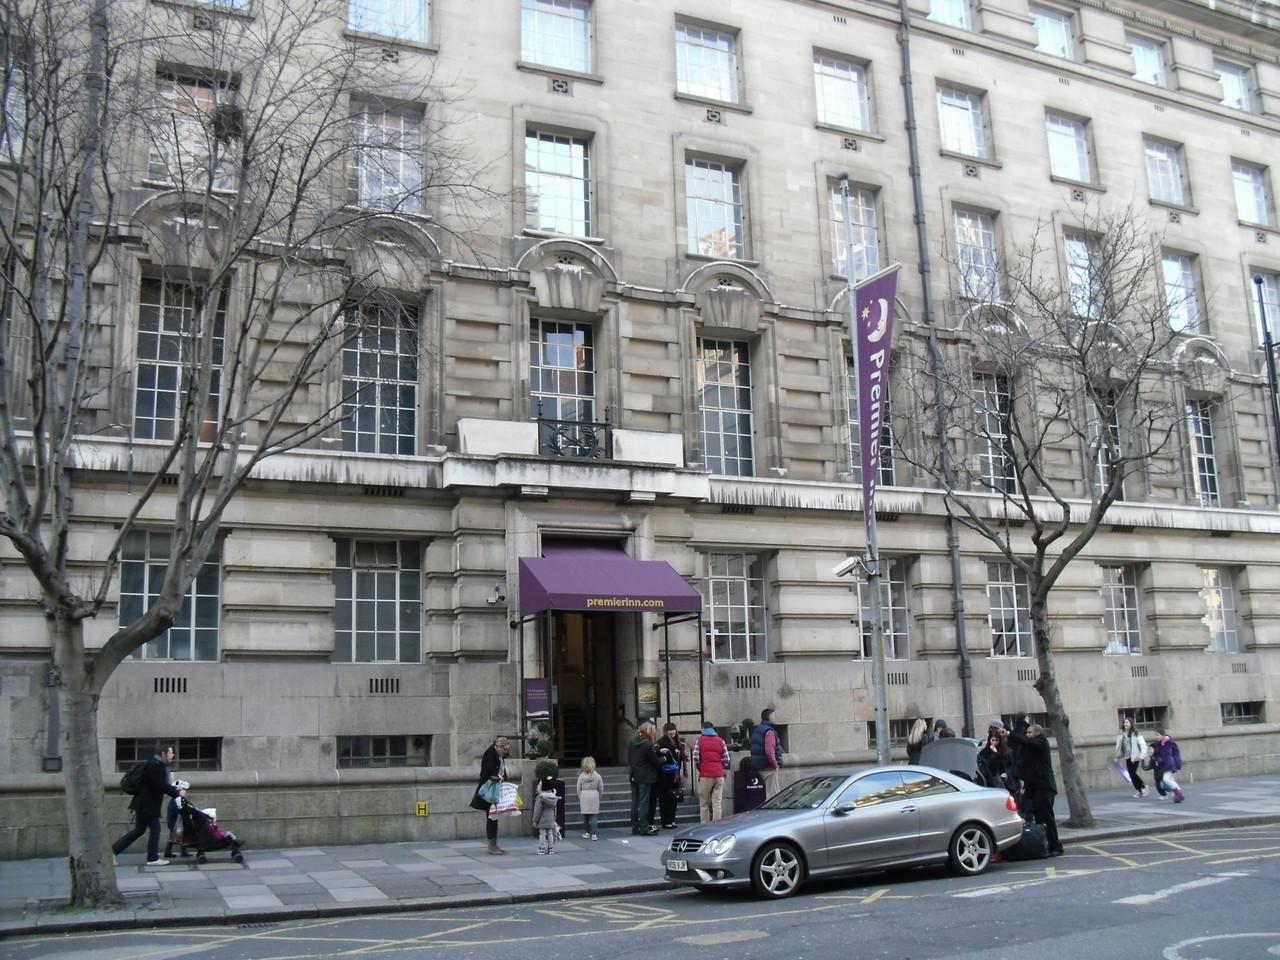 ロンドン・アイ周辺のプレミアロッジ格安ホテルチェーン店1